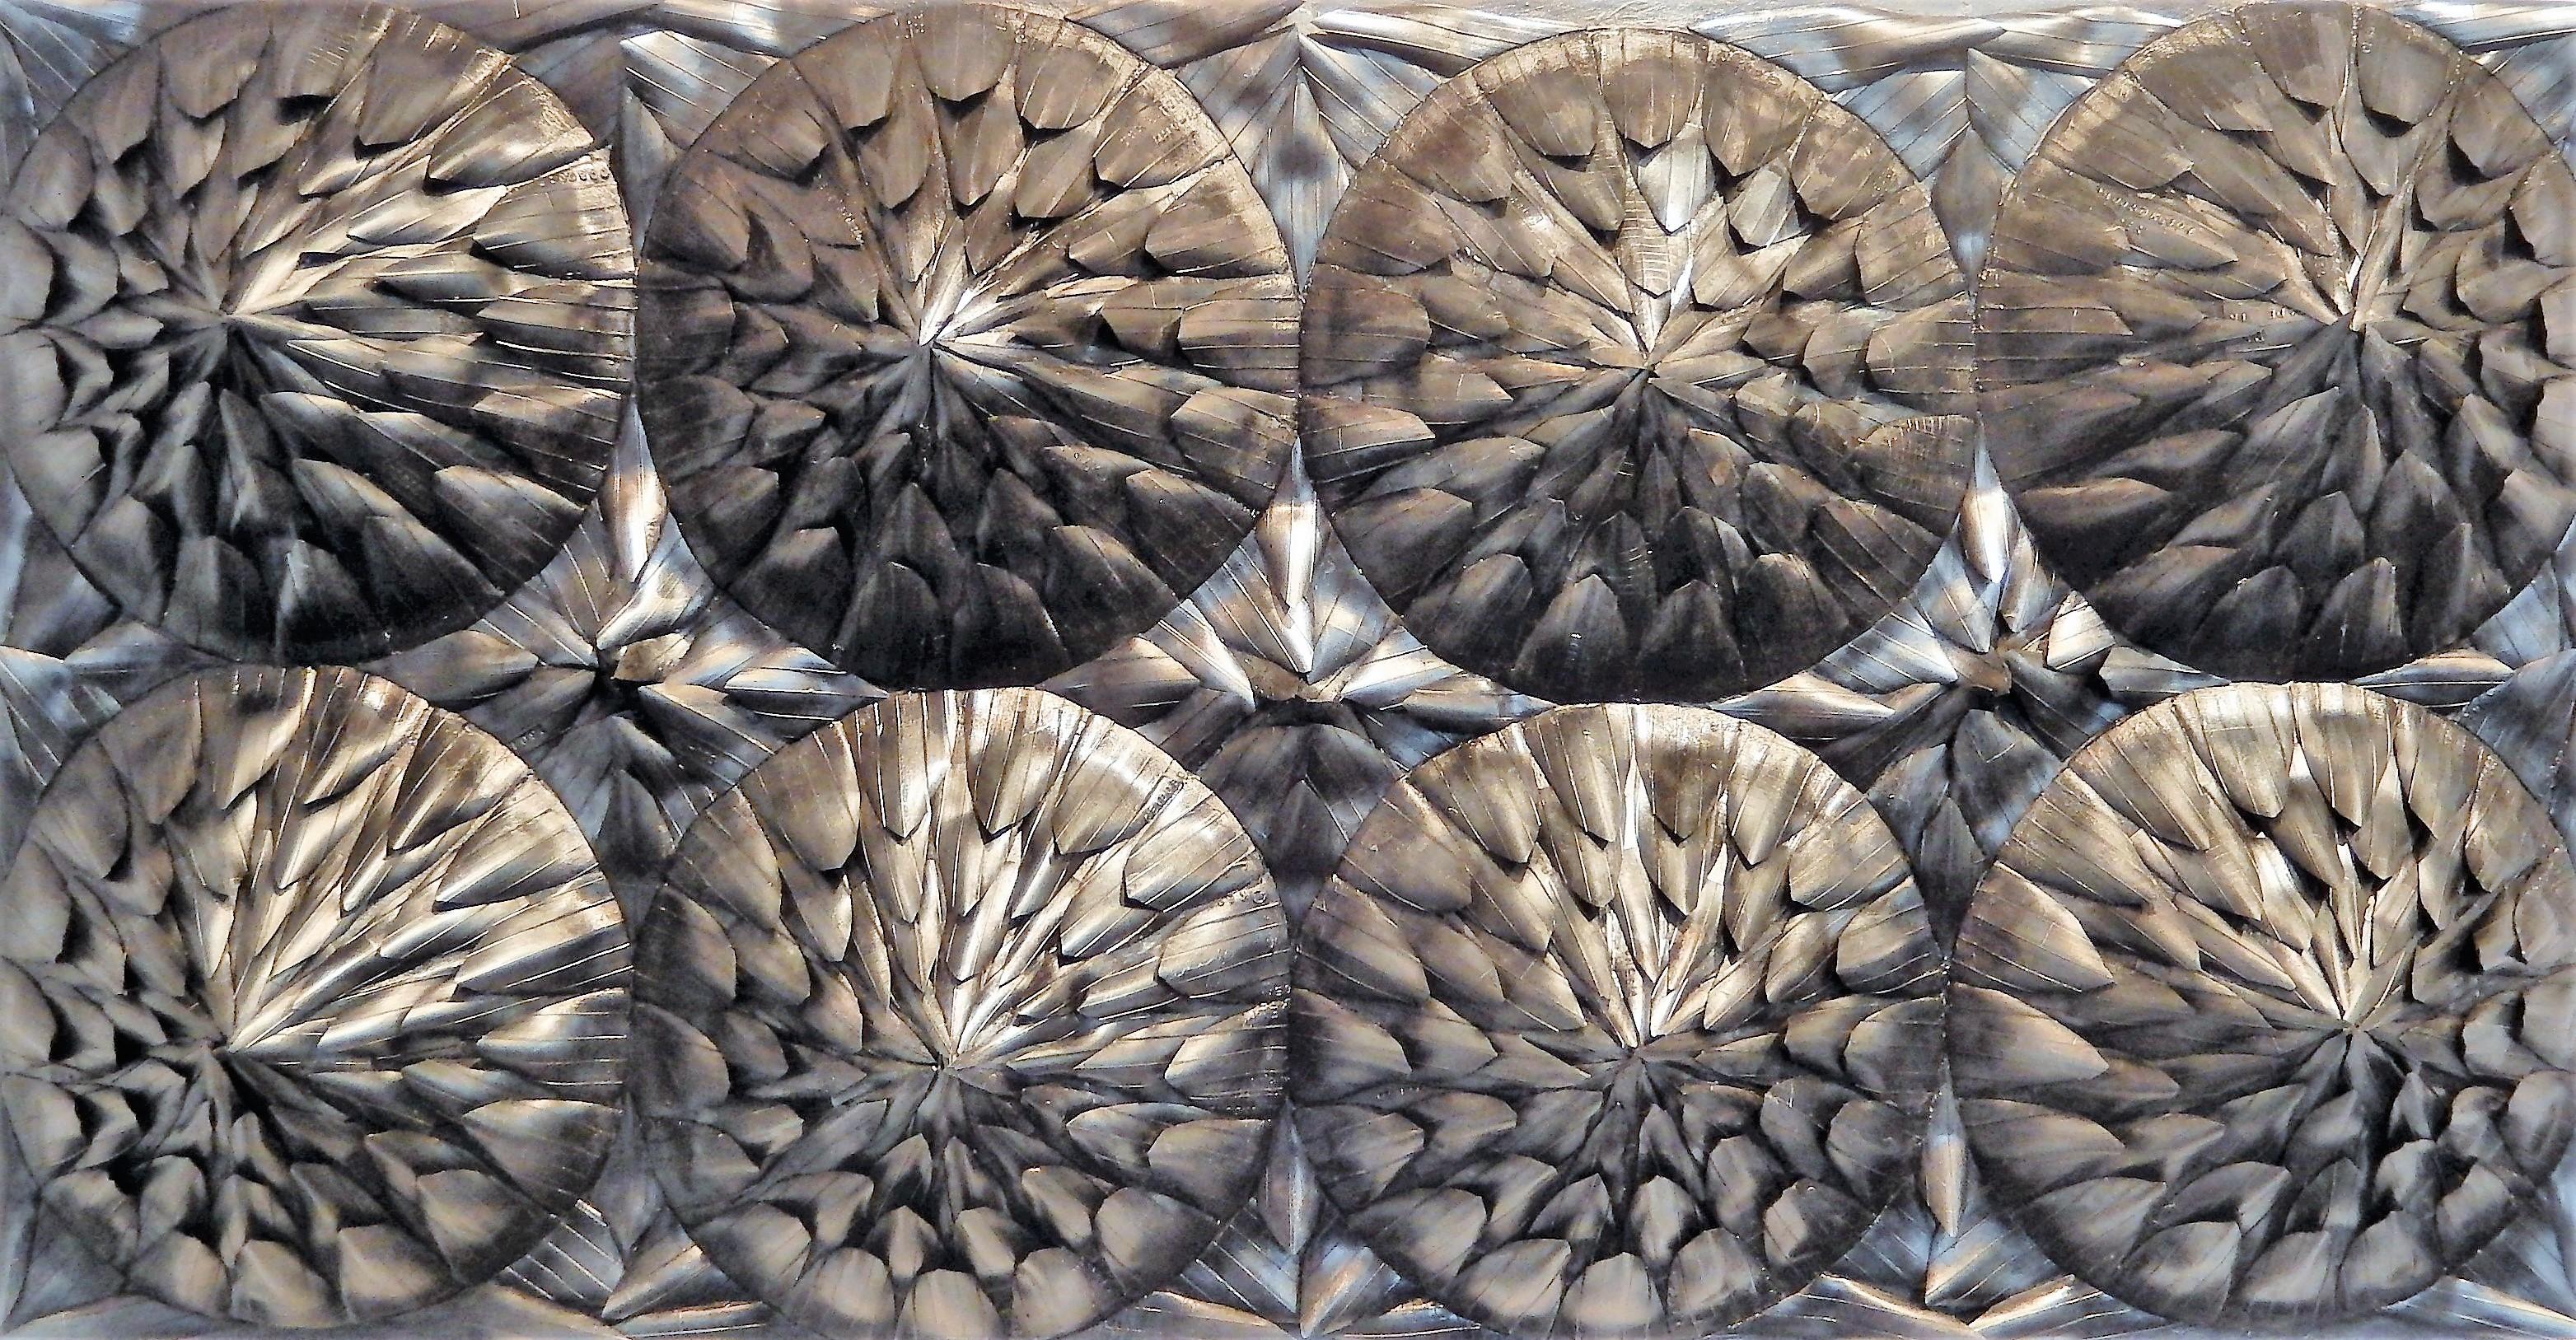 Afrique,_120_X_50_cm,_chambres_à_air_sur_polystyrène,_peinture_acrylique